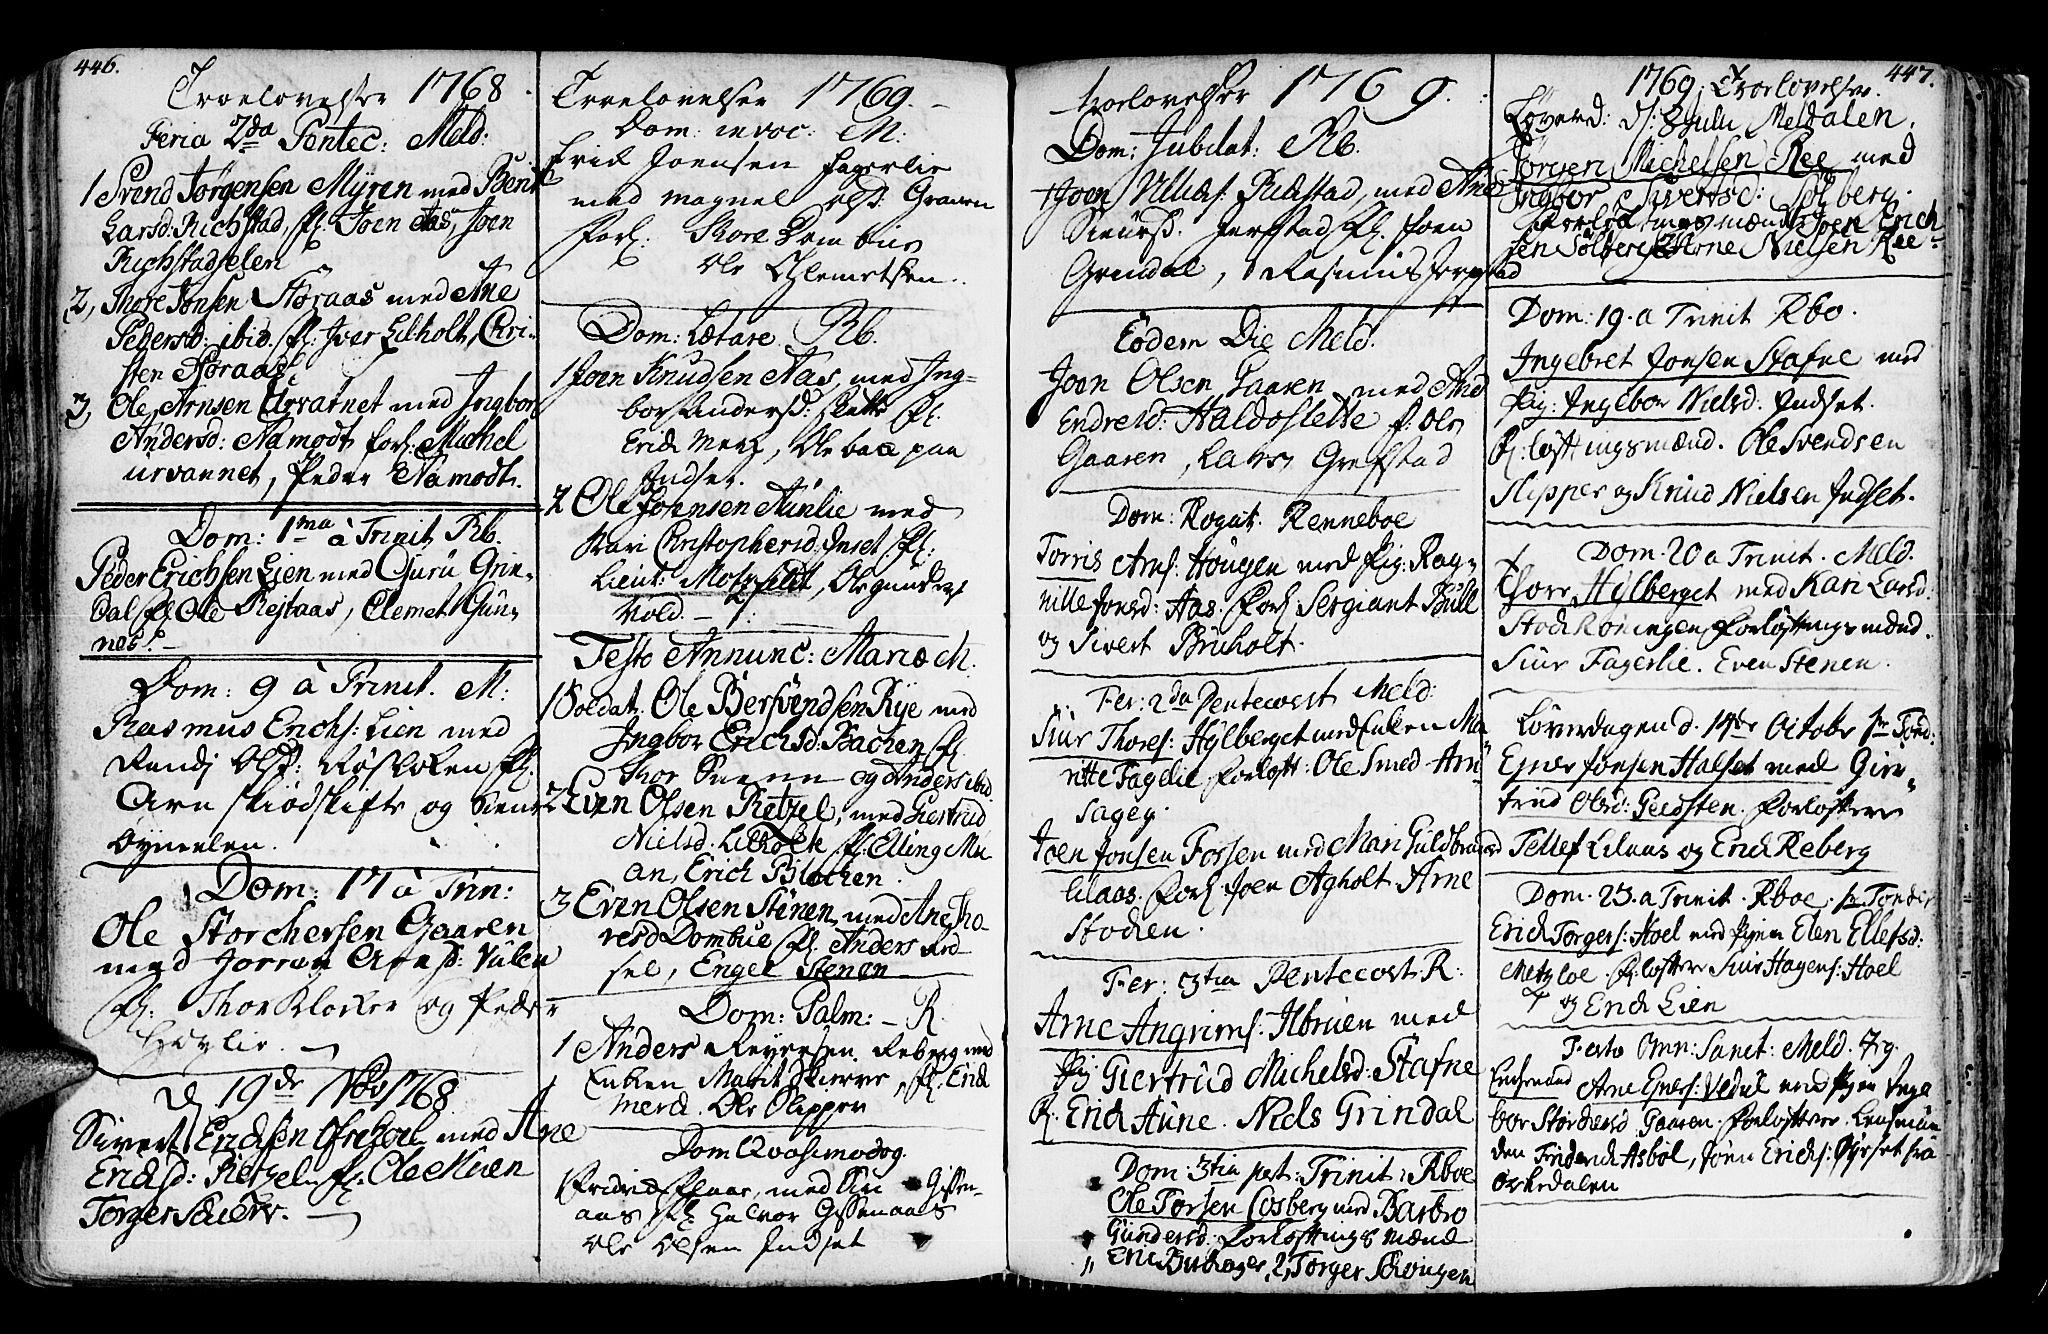 SAT, Ministerialprotokoller, klokkerbøker og fødselsregistre - Sør-Trøndelag, 672/L0851: Ministerialbok nr. 672A04, 1751-1775, s. 446-447